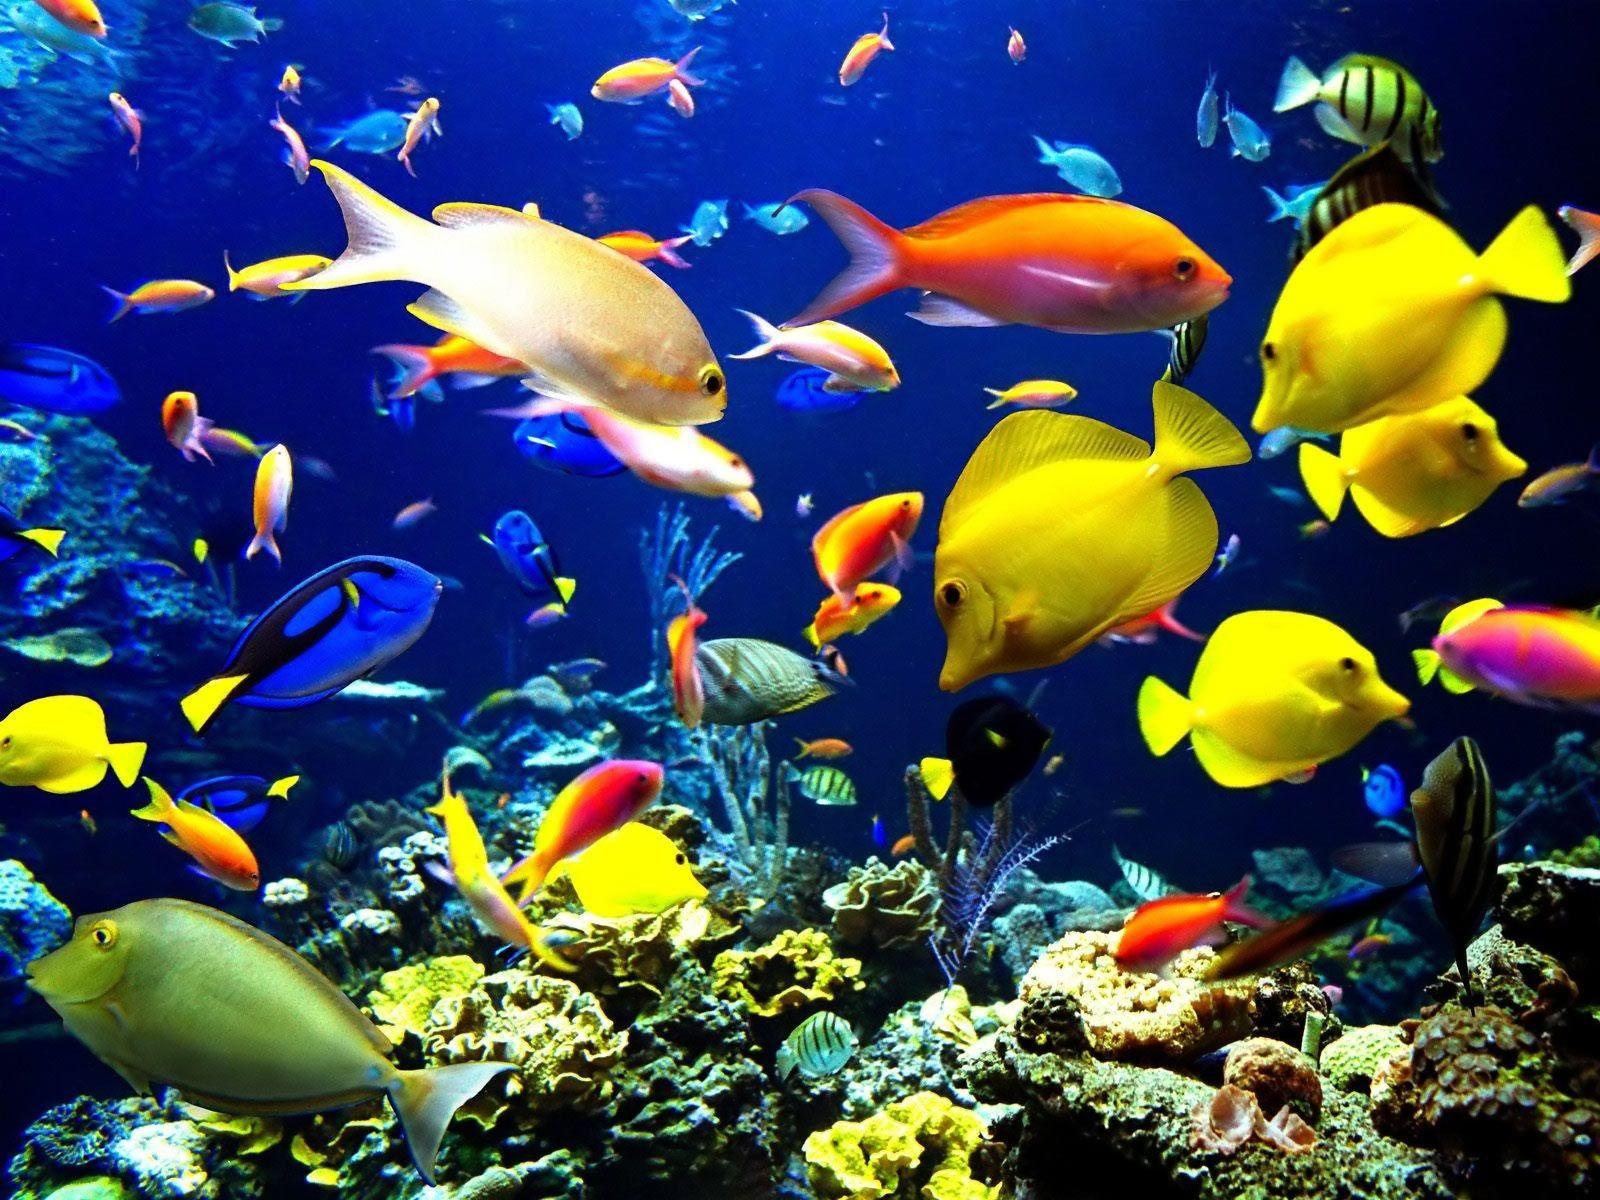 3d Fish Wallpaper For Mobile Visit Chile Ikan Tropis Terumbu Karang Dan Lautan